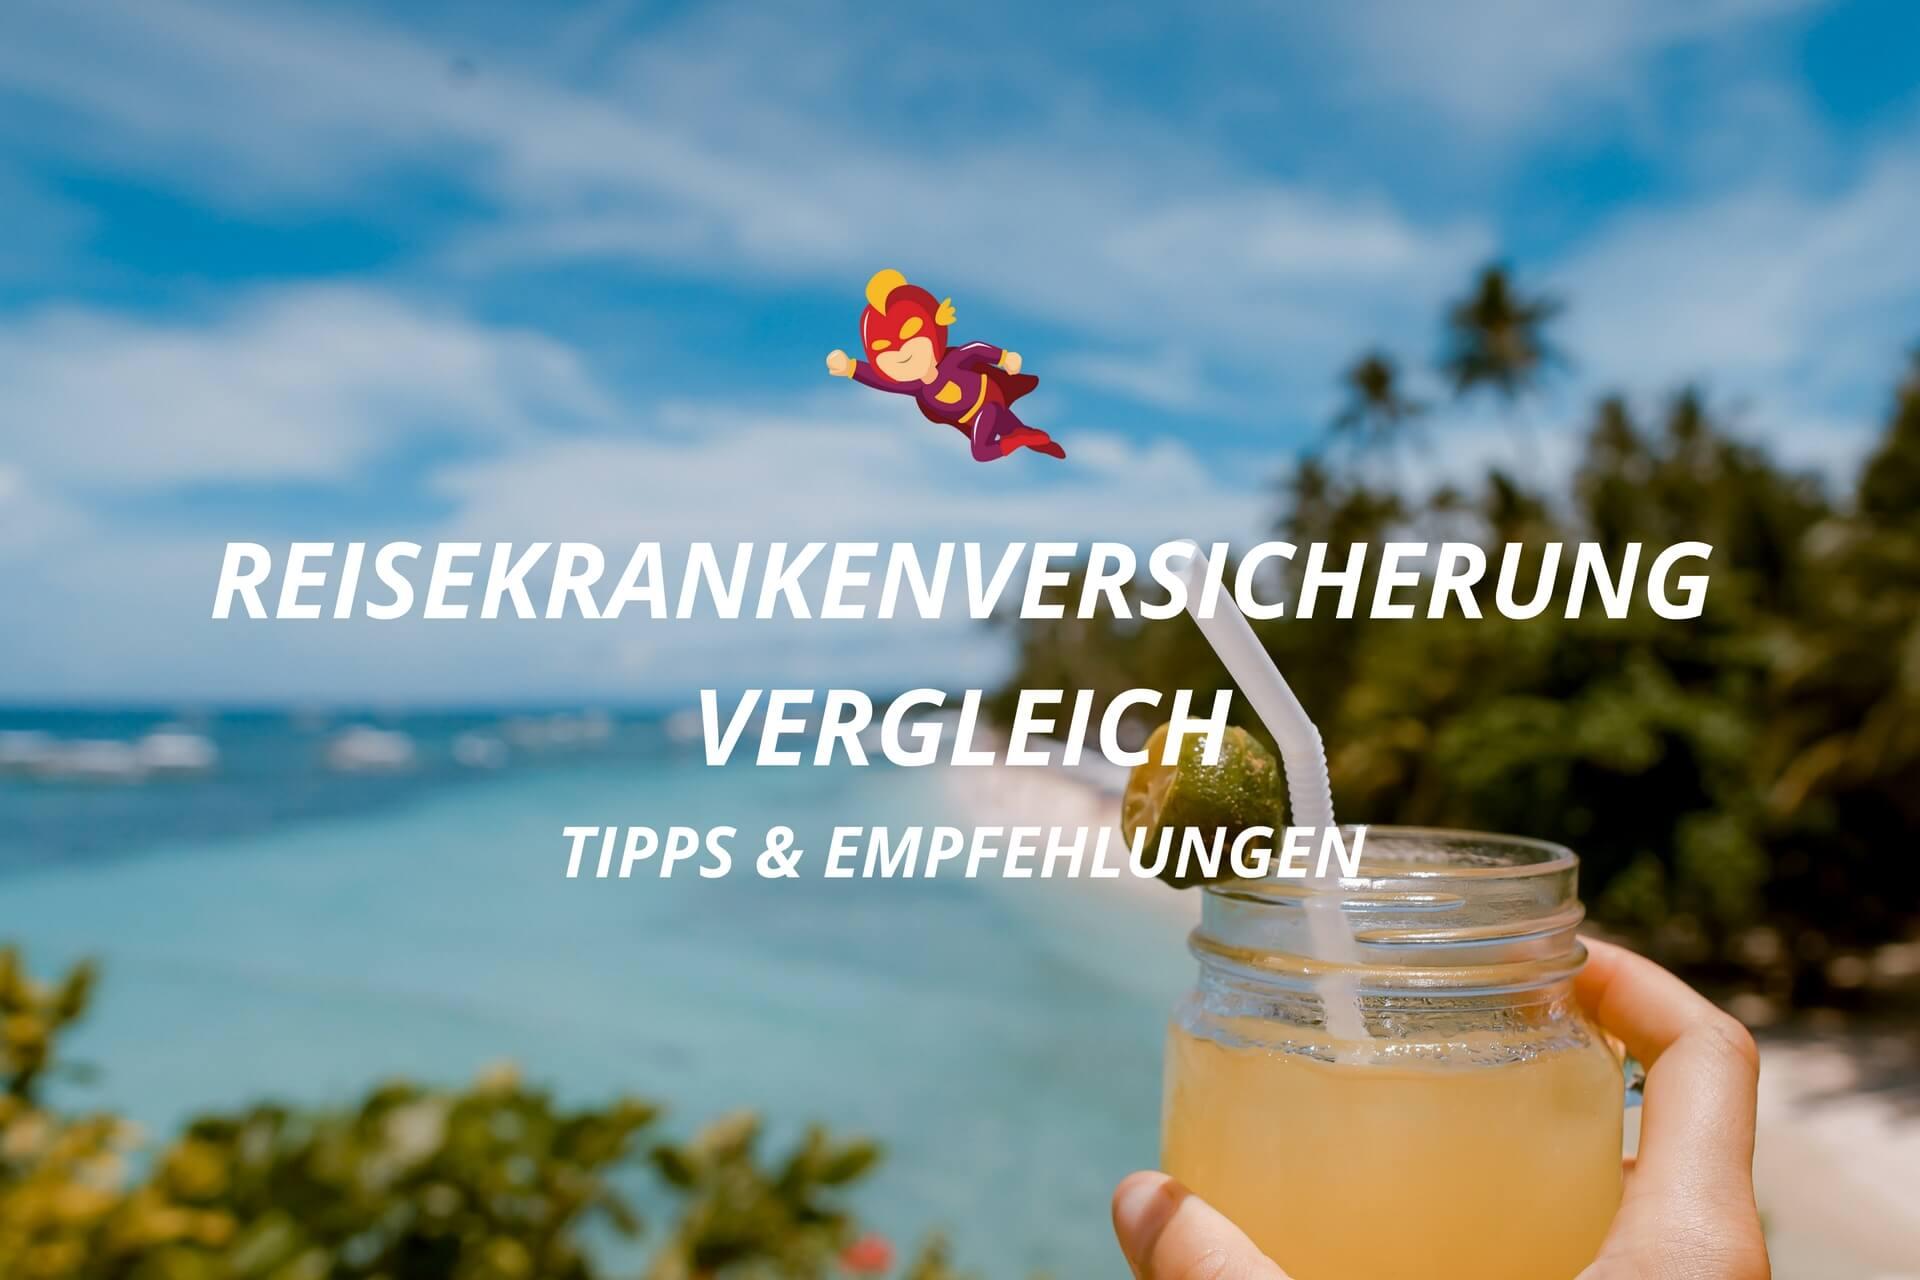 Reisekrankenversicherung Vergleich - Finanzhelden.org